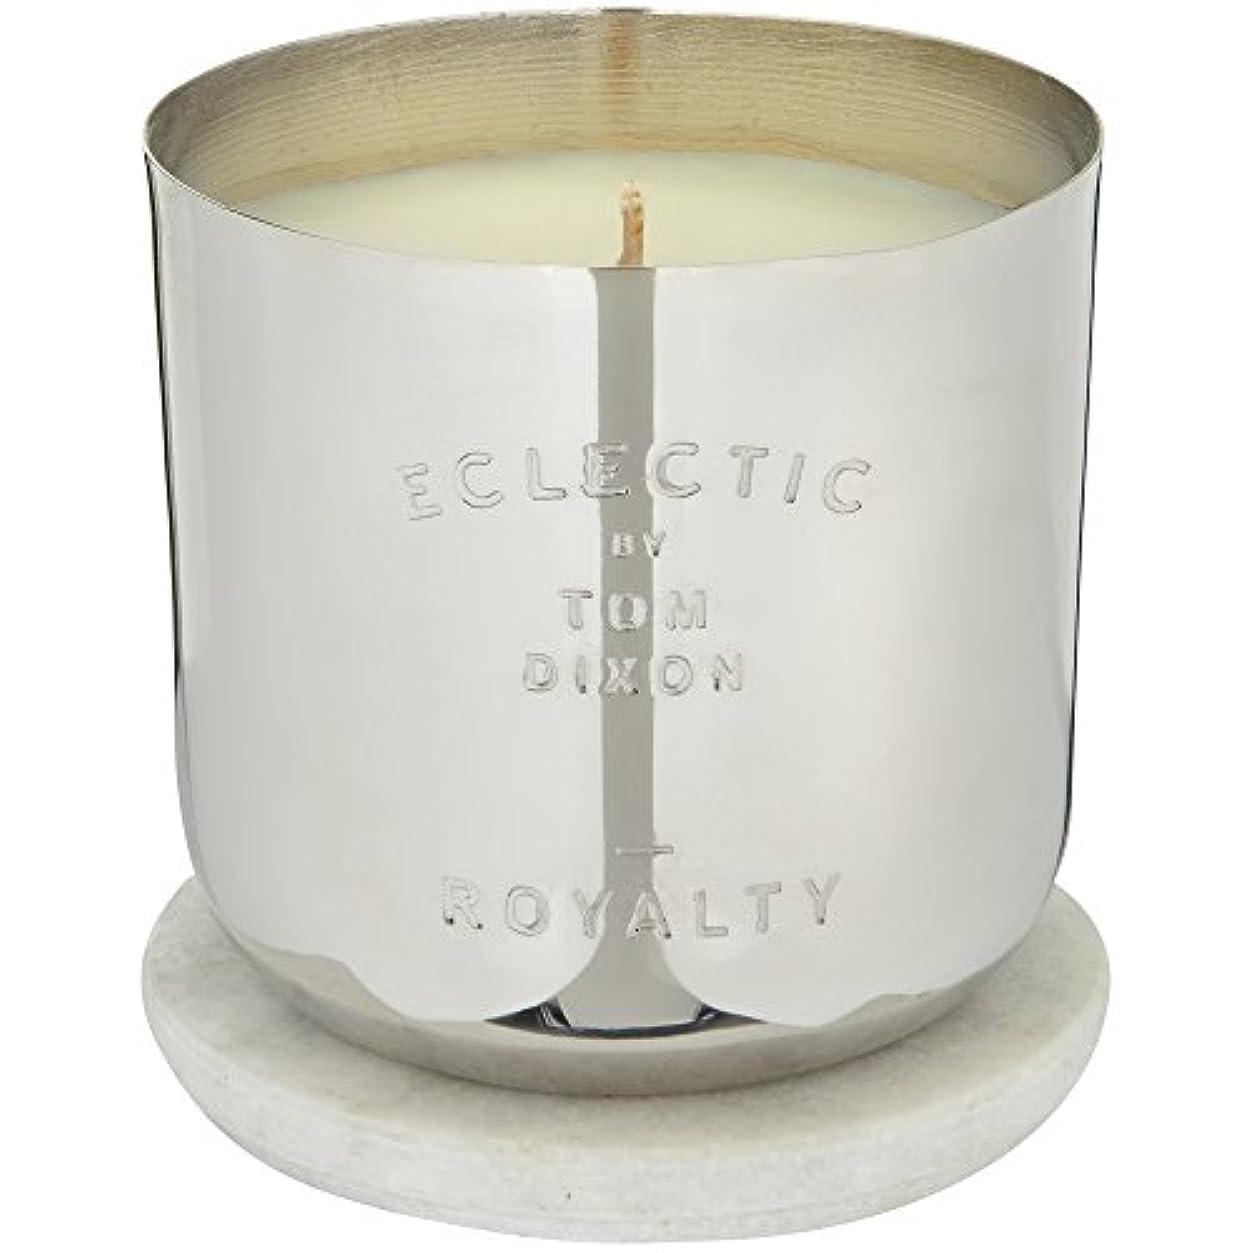 予測偏心ことわざトム?ディクソンロイヤリティ香りのキャンドル x6 - Tom Dixon Royalty Scented Candle (Pack of 6) [並行輸入品]